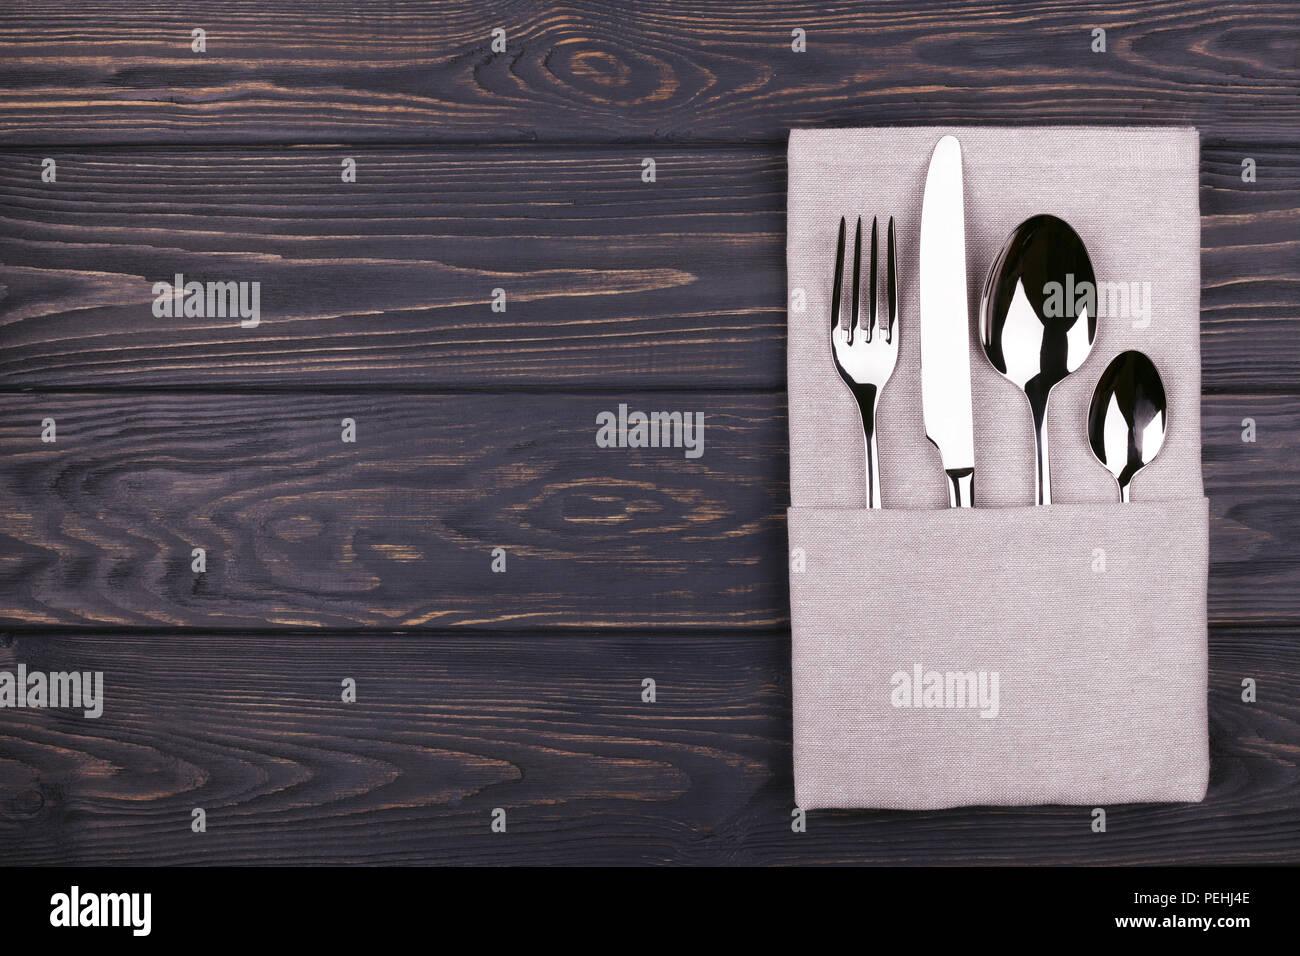 Satz von Gabel, Löffel, Teelöffel und Messer mit Bettwäsche Serviette auf Holztisch. Ansicht von oben. Stockbild